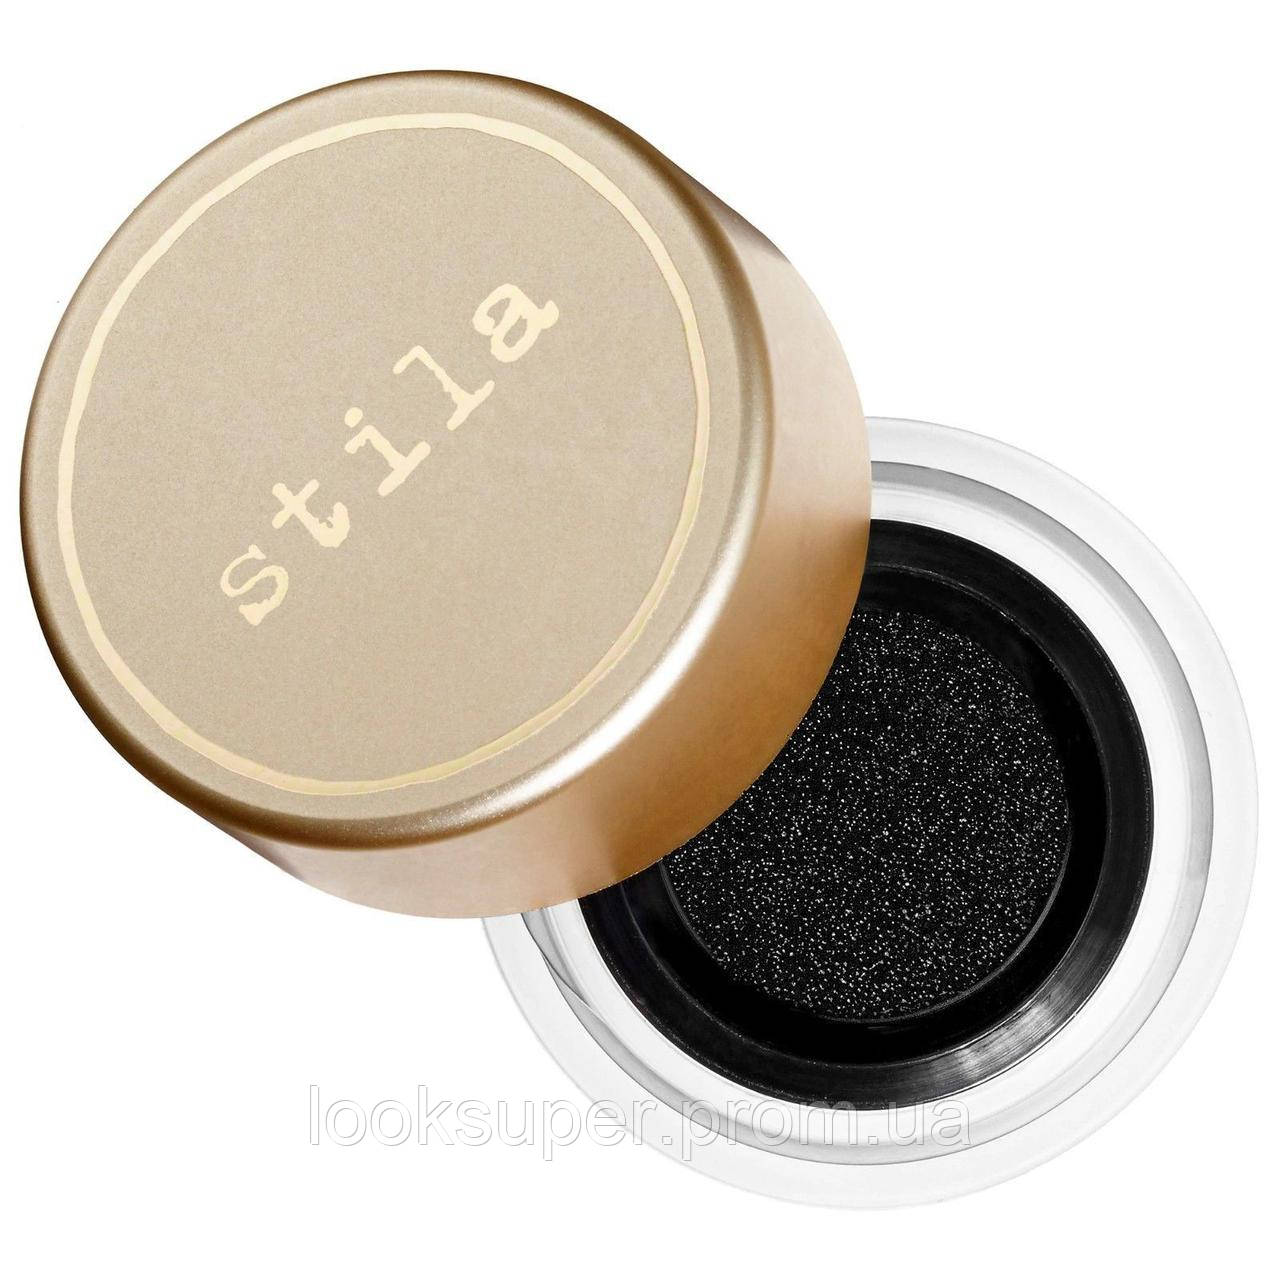 Лайнер для глаз STILA Got Inked Cushion Eye Liner. BLACK OBSIDIAN INK